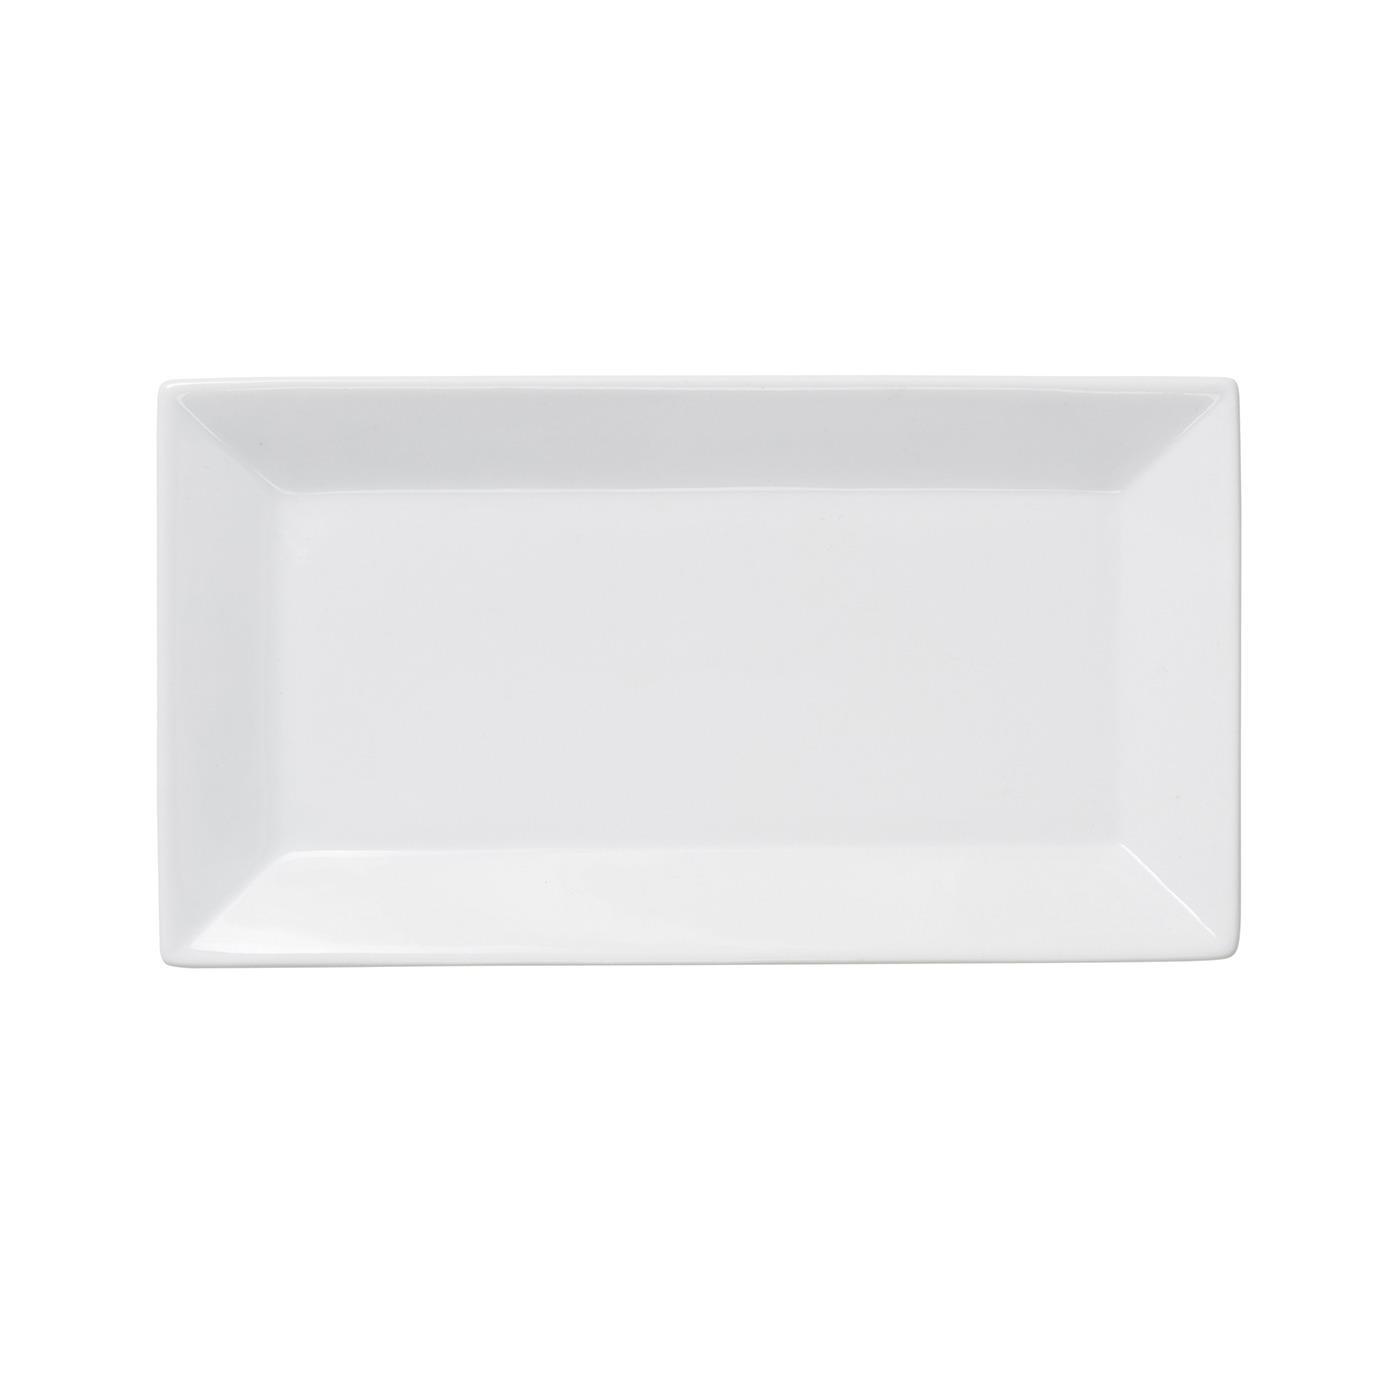 Sugar & Creamer Tray - White Ceramic